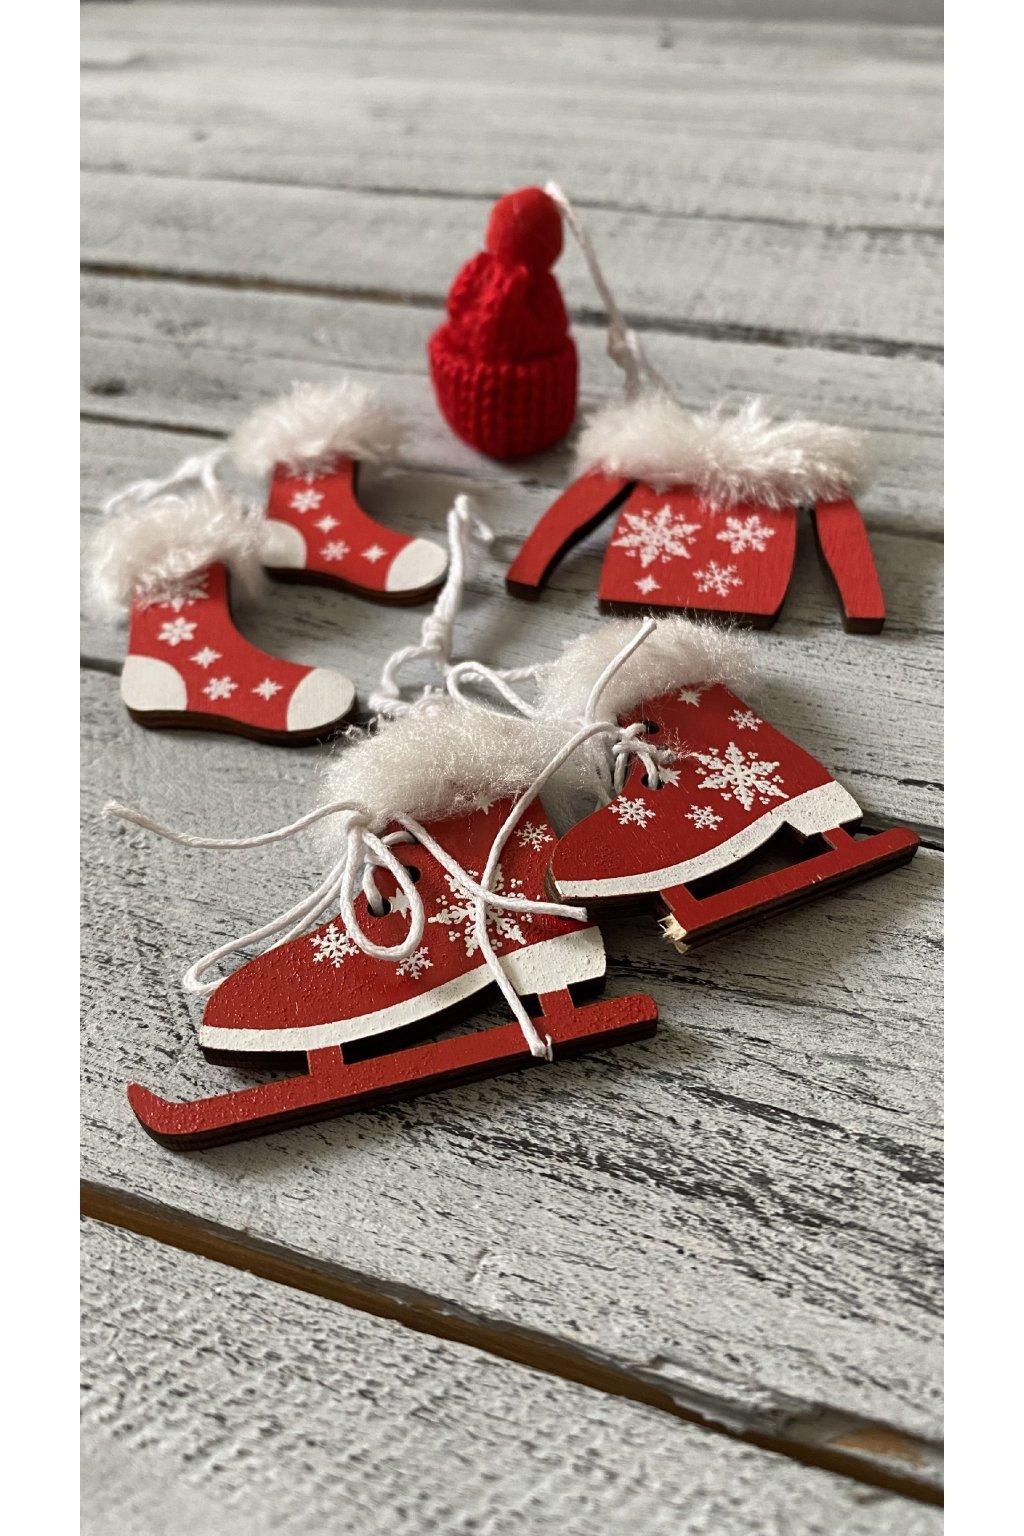 Překrásný zimní setík. Lze zavěsit na vánoční stromeček, ozdobit věnec nebo vánoční aranžmá.